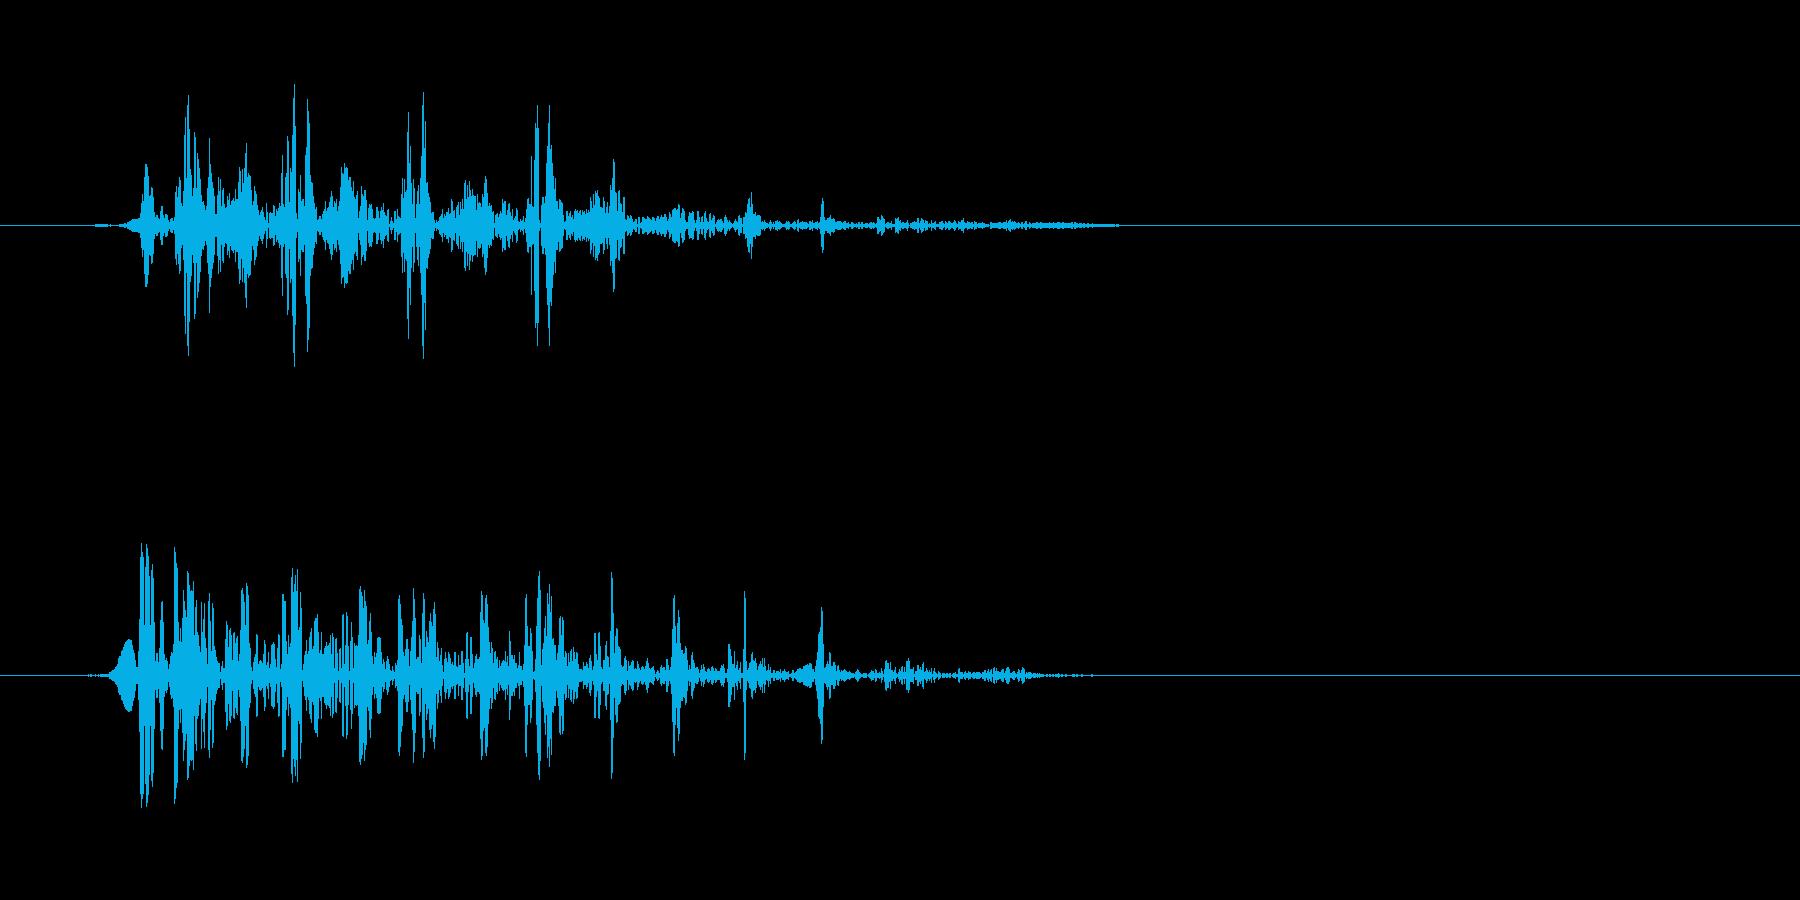 グワ、っというアヒルの鳴き声の再生済みの波形